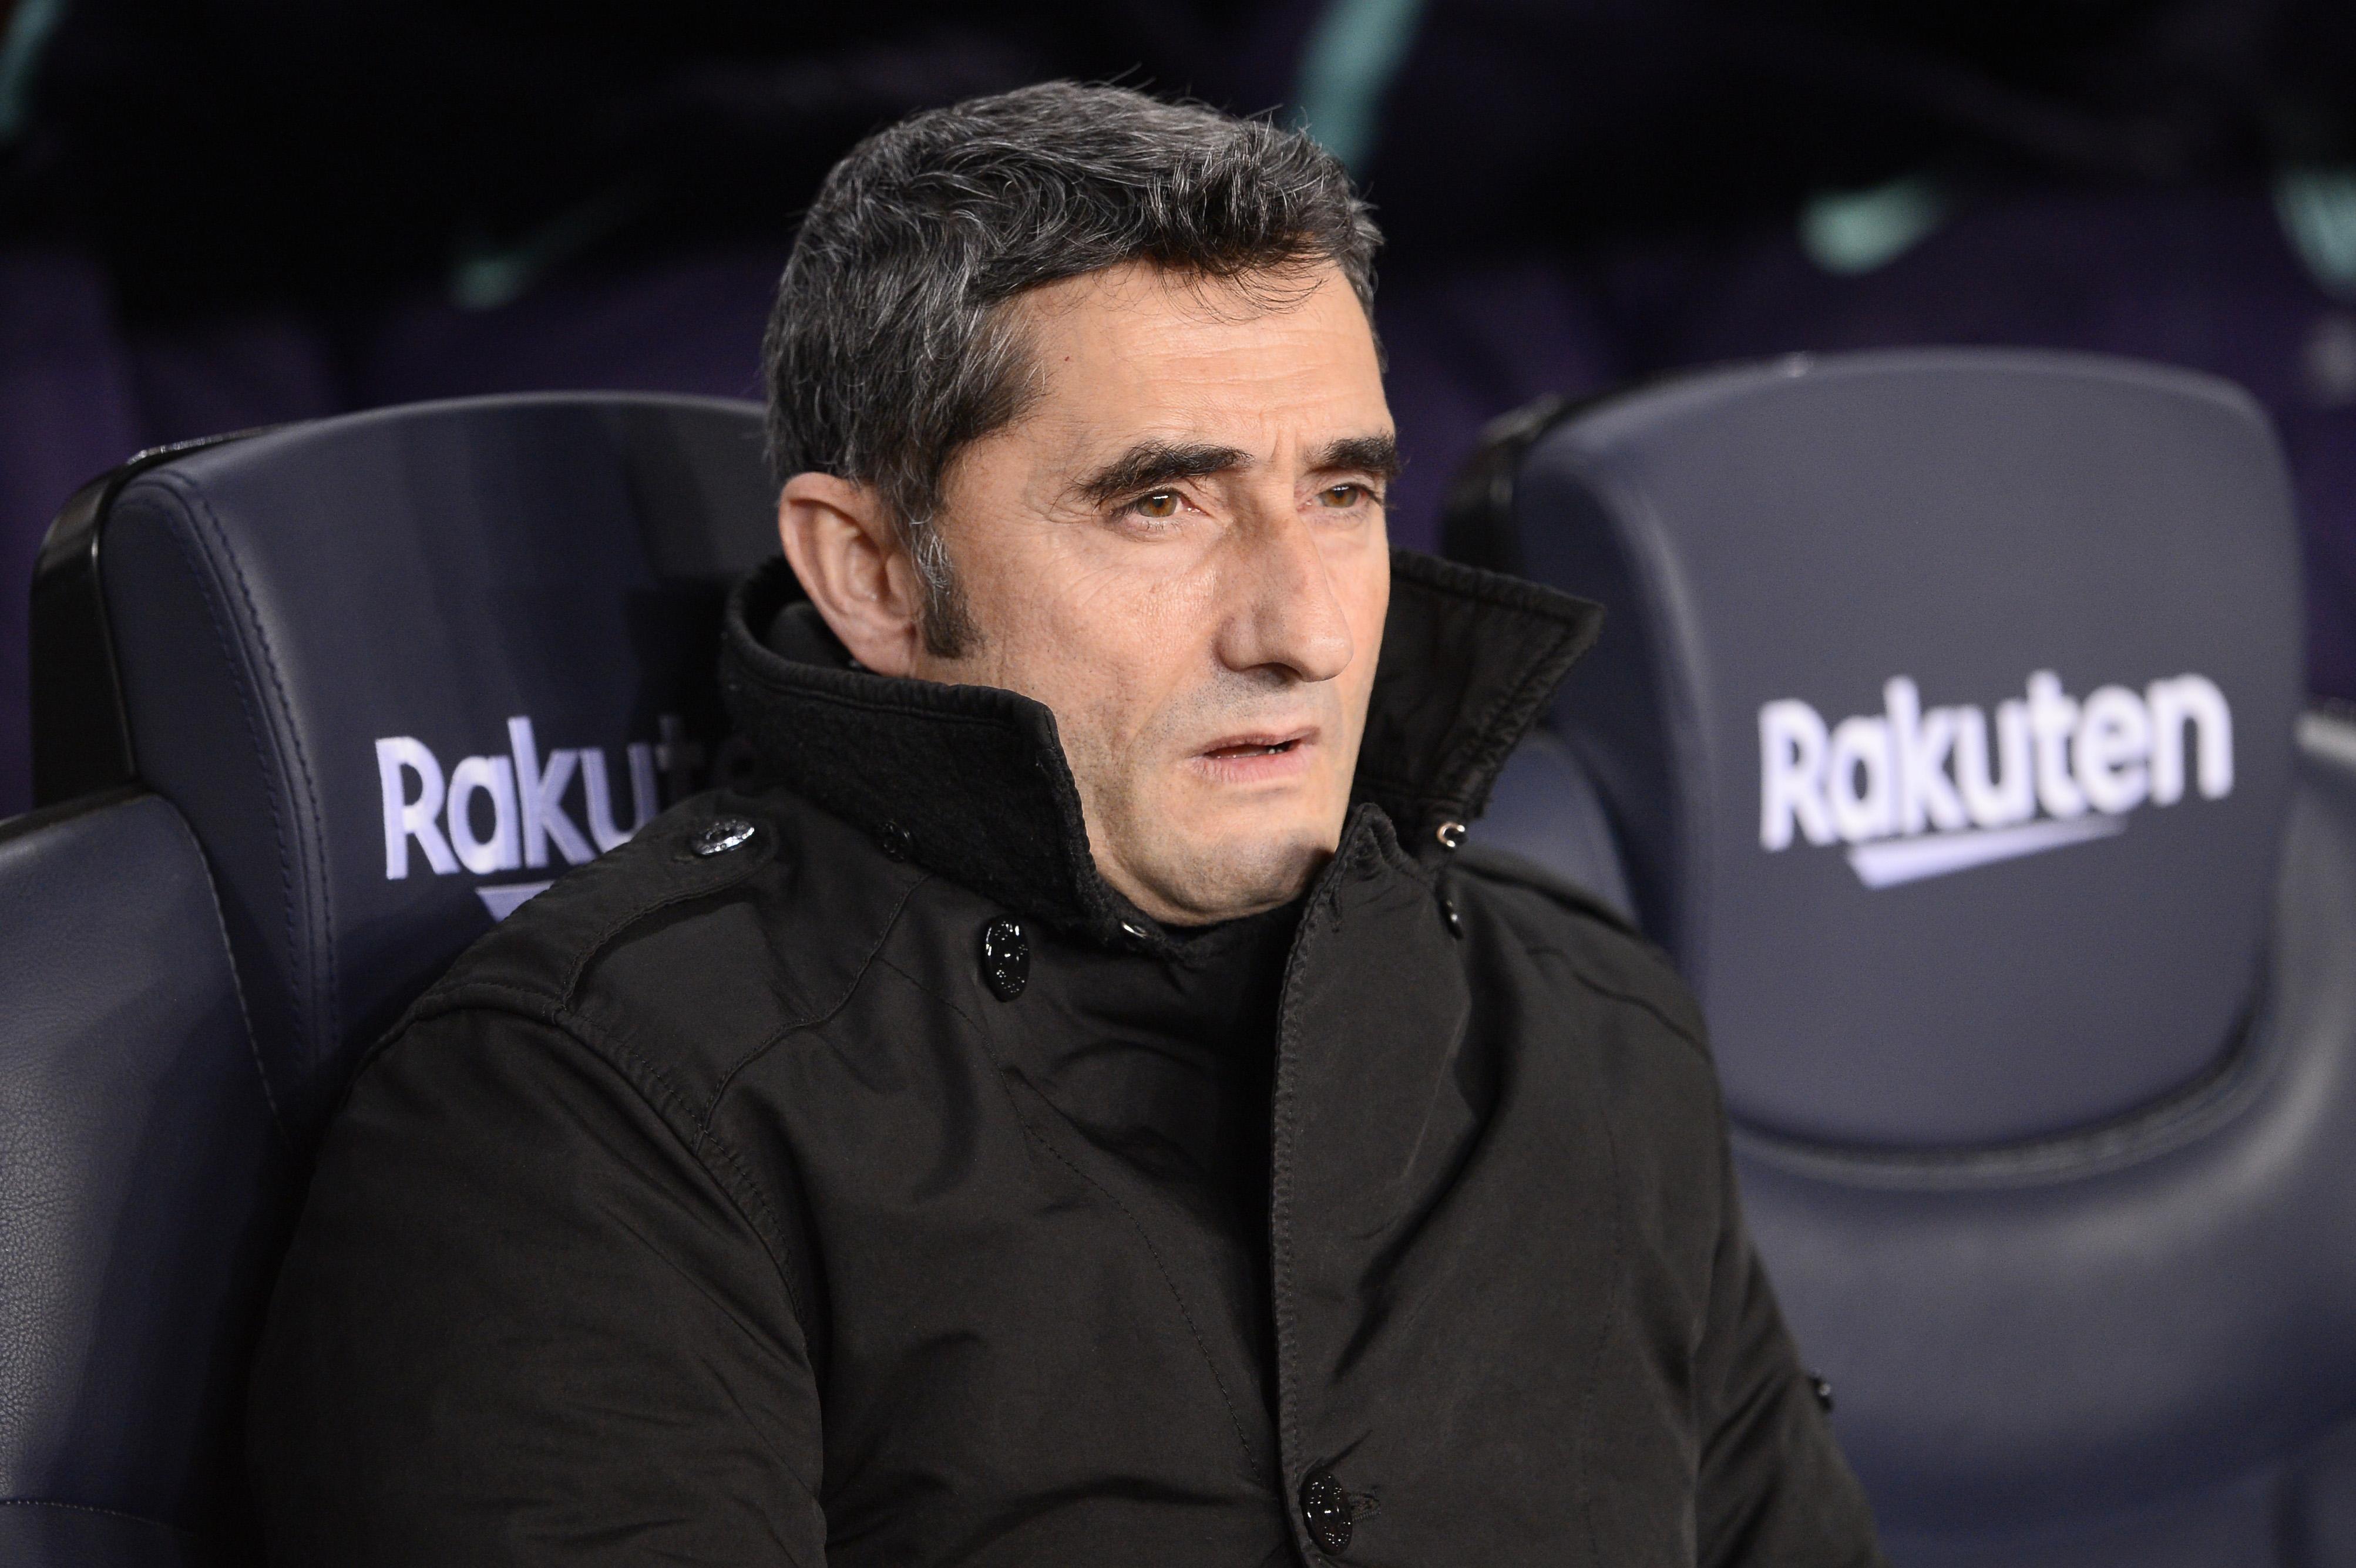 Ernesto Valverde, entrenador del FC Barcelona, puede respirar tranquilo después de que la RFEF desestimó el recurso del Levante por alineación indebida. (Foto Prensa Libre: AFP)